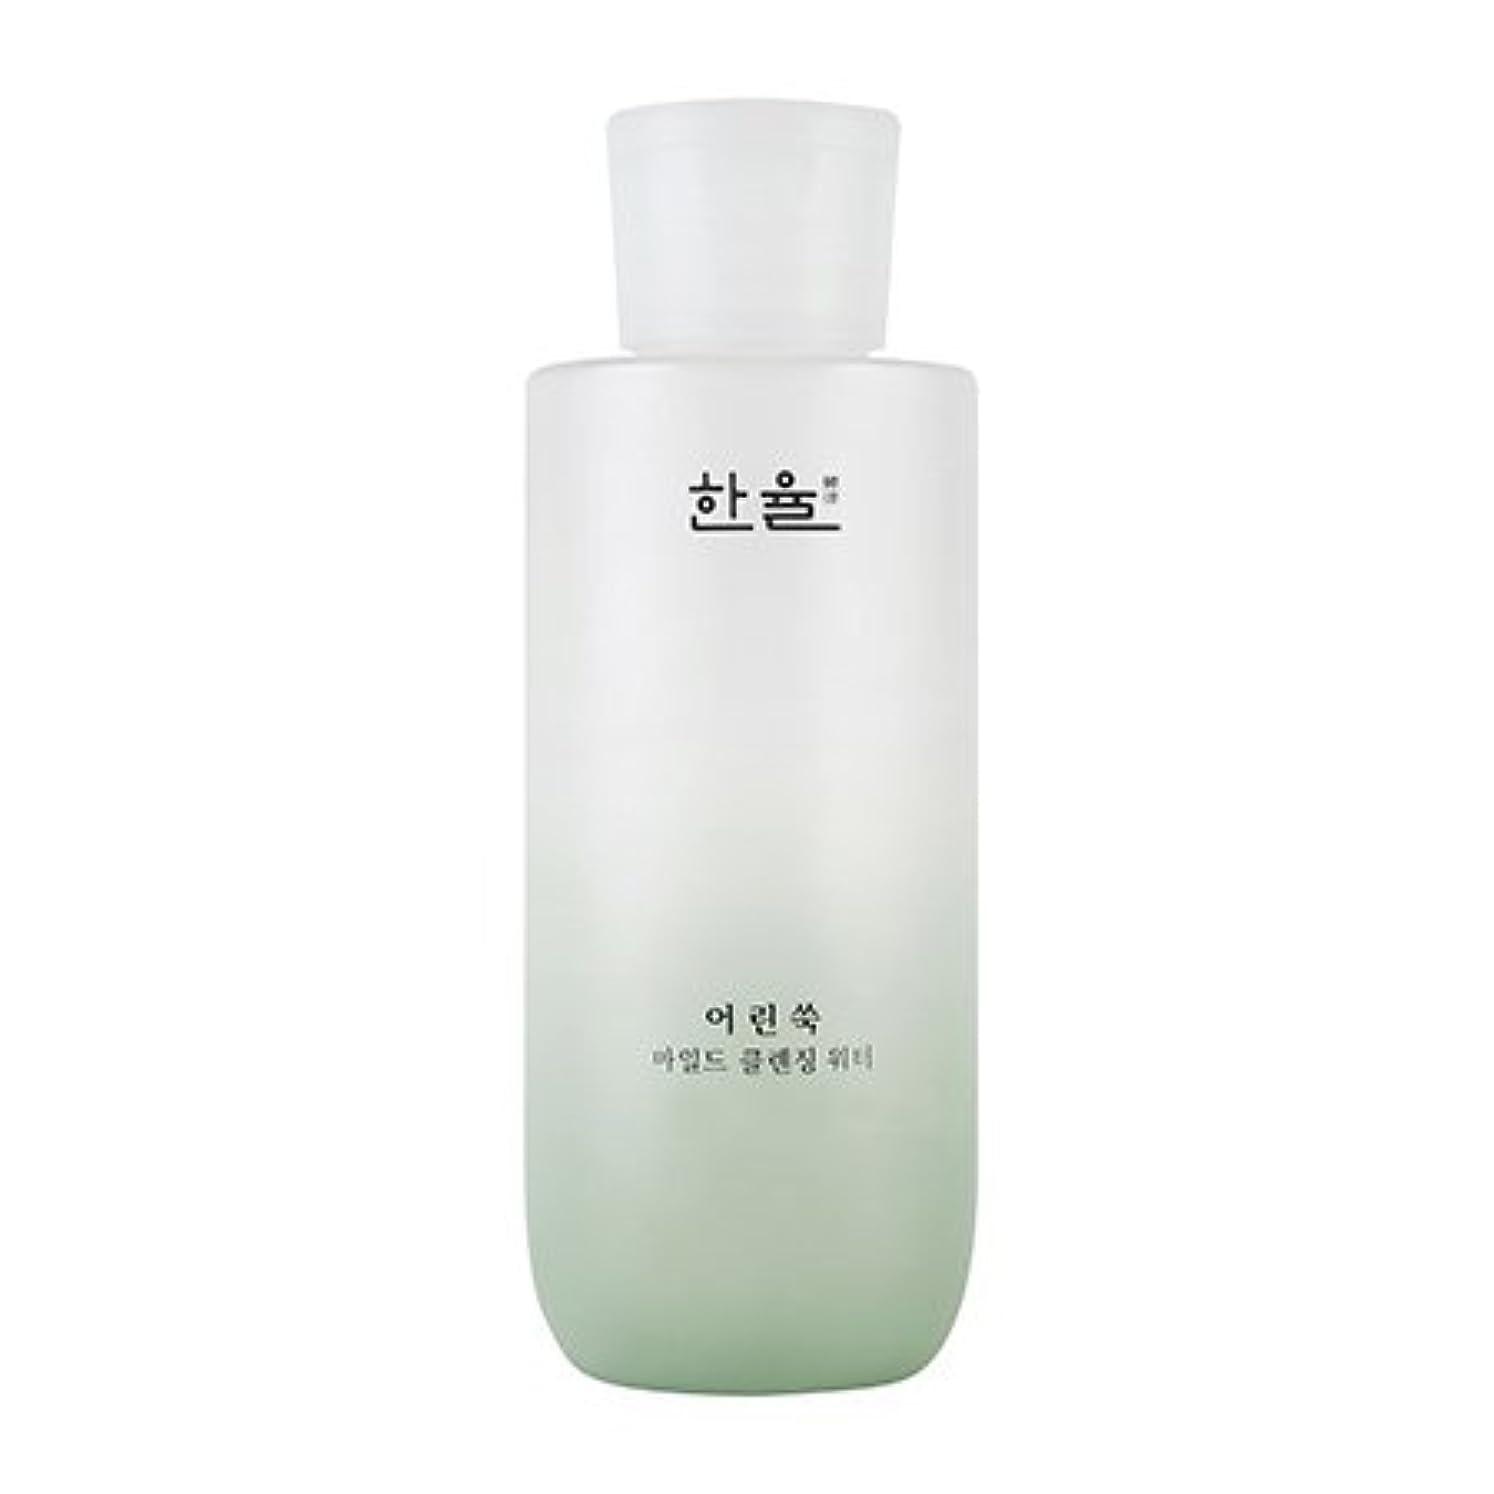 対立ラオス人狂ったHANYUL Pure Artemisia Mild Cleansing Water 300ml / ハンユル ピュアアルテミシアマイルド クレンジングウォーター 300ml [並行輸入品]